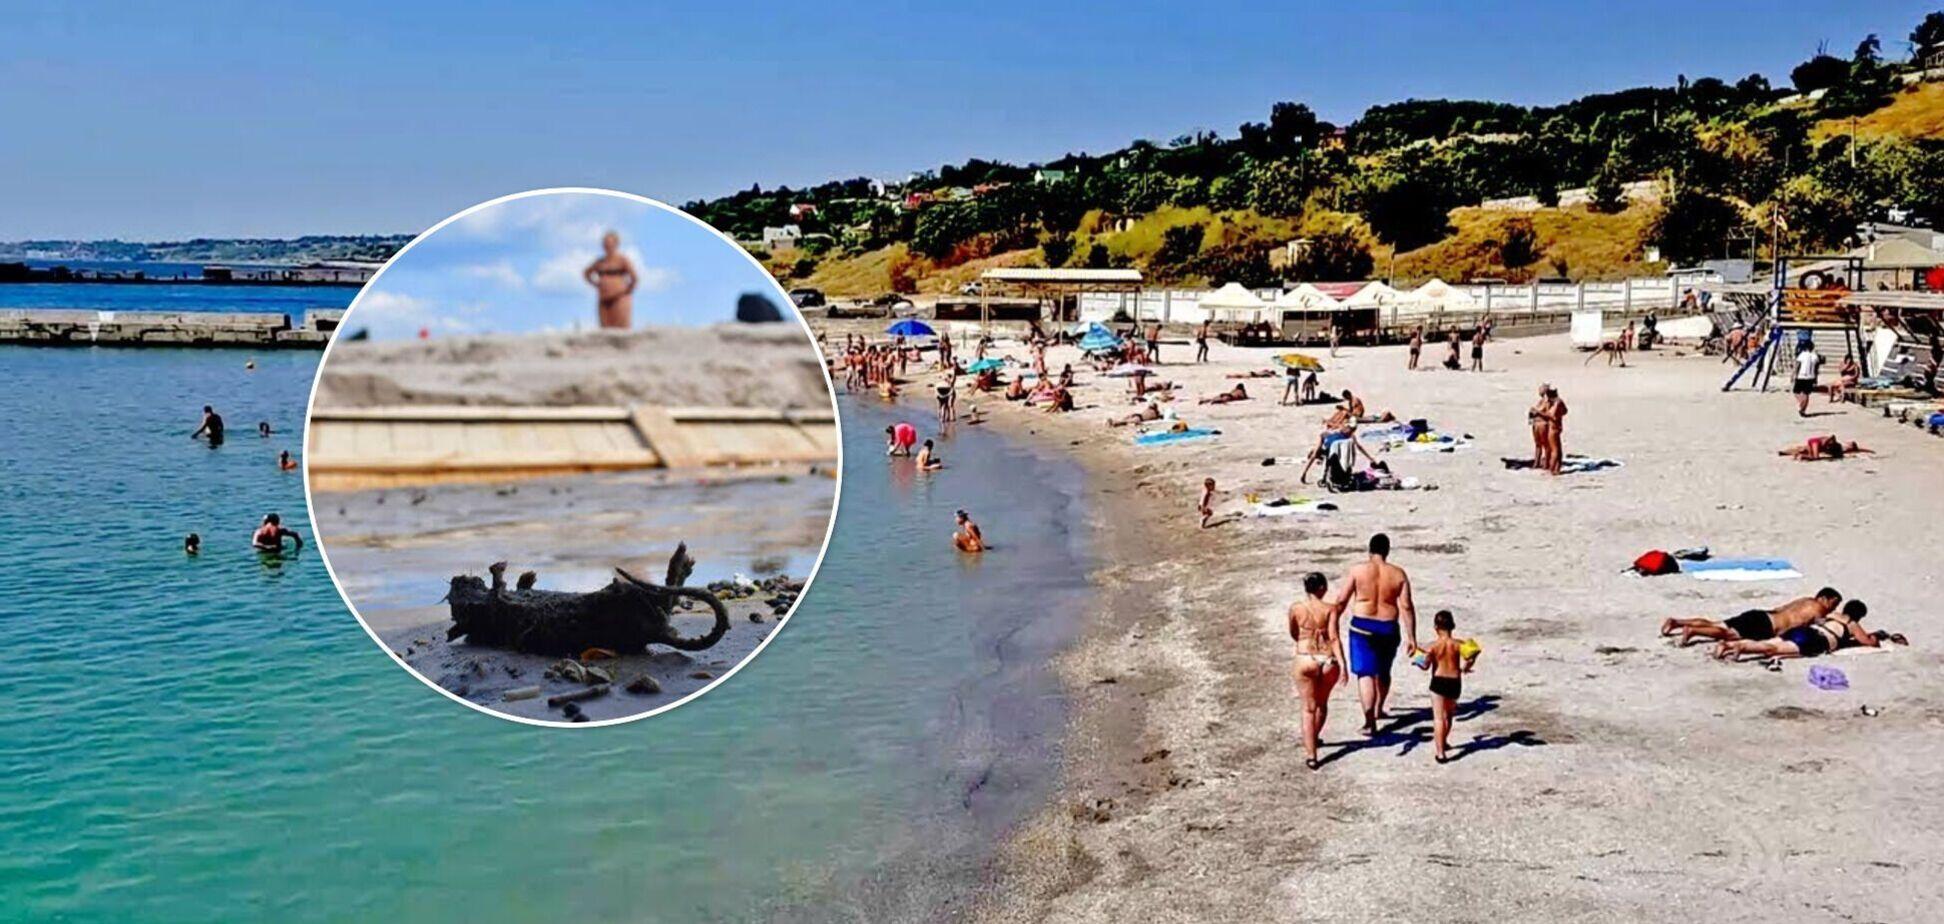 Пляж Аркадии усеян мертвыми крысами после ливней